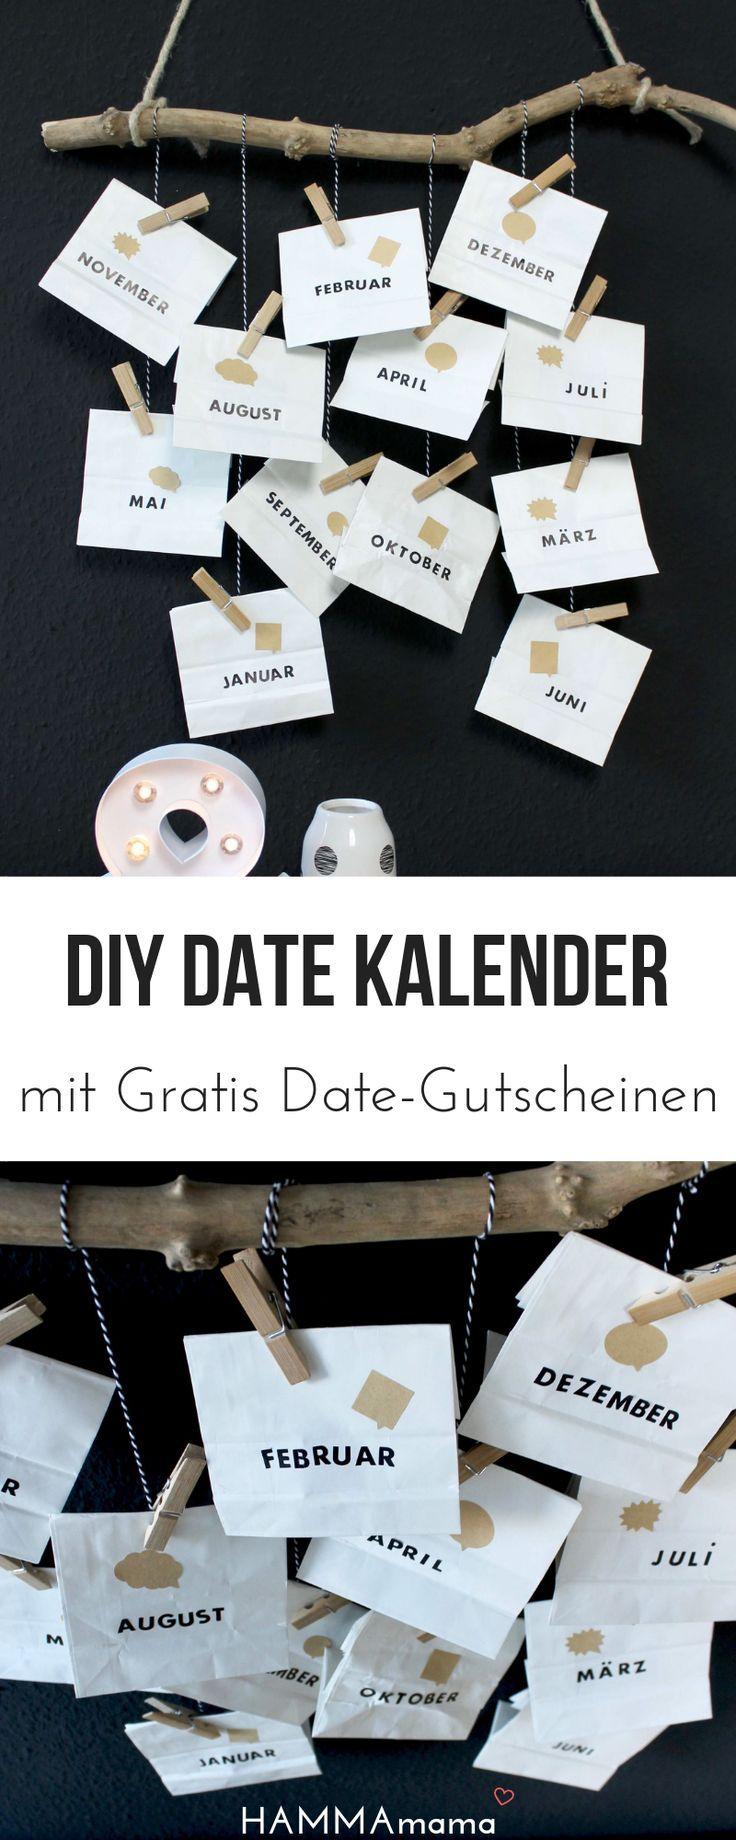 DIY (zum Valentinstag, Vatertag oder Geburtstag) mit Freebie! ° Date-Kalender selber machen ° Ein persönliches Geschenk für den Mann #persönlichegeschenke